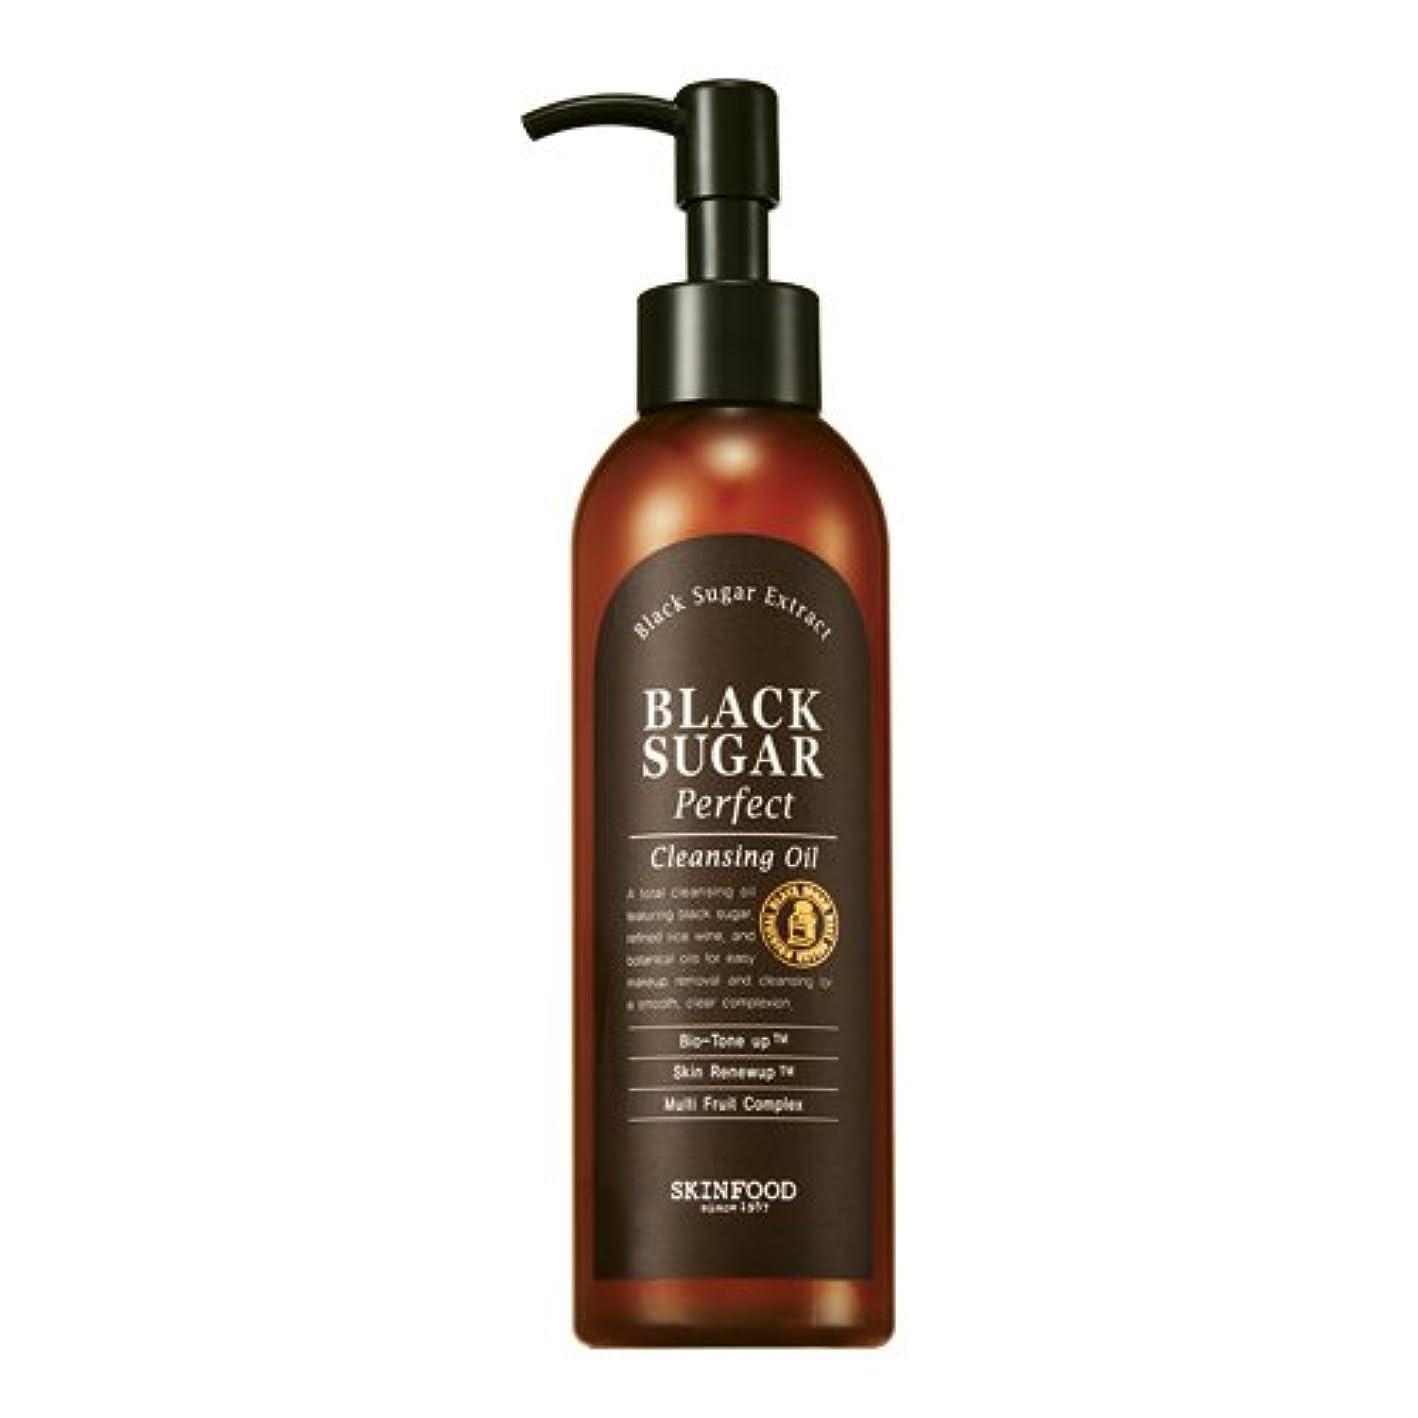 競合他社選手絶望せっかちSkinfood/Black Sugar Perfect Cleansing Oil/ブラックシュガーパーフェクトクレンジングオイル/200ml [並行輸入品]